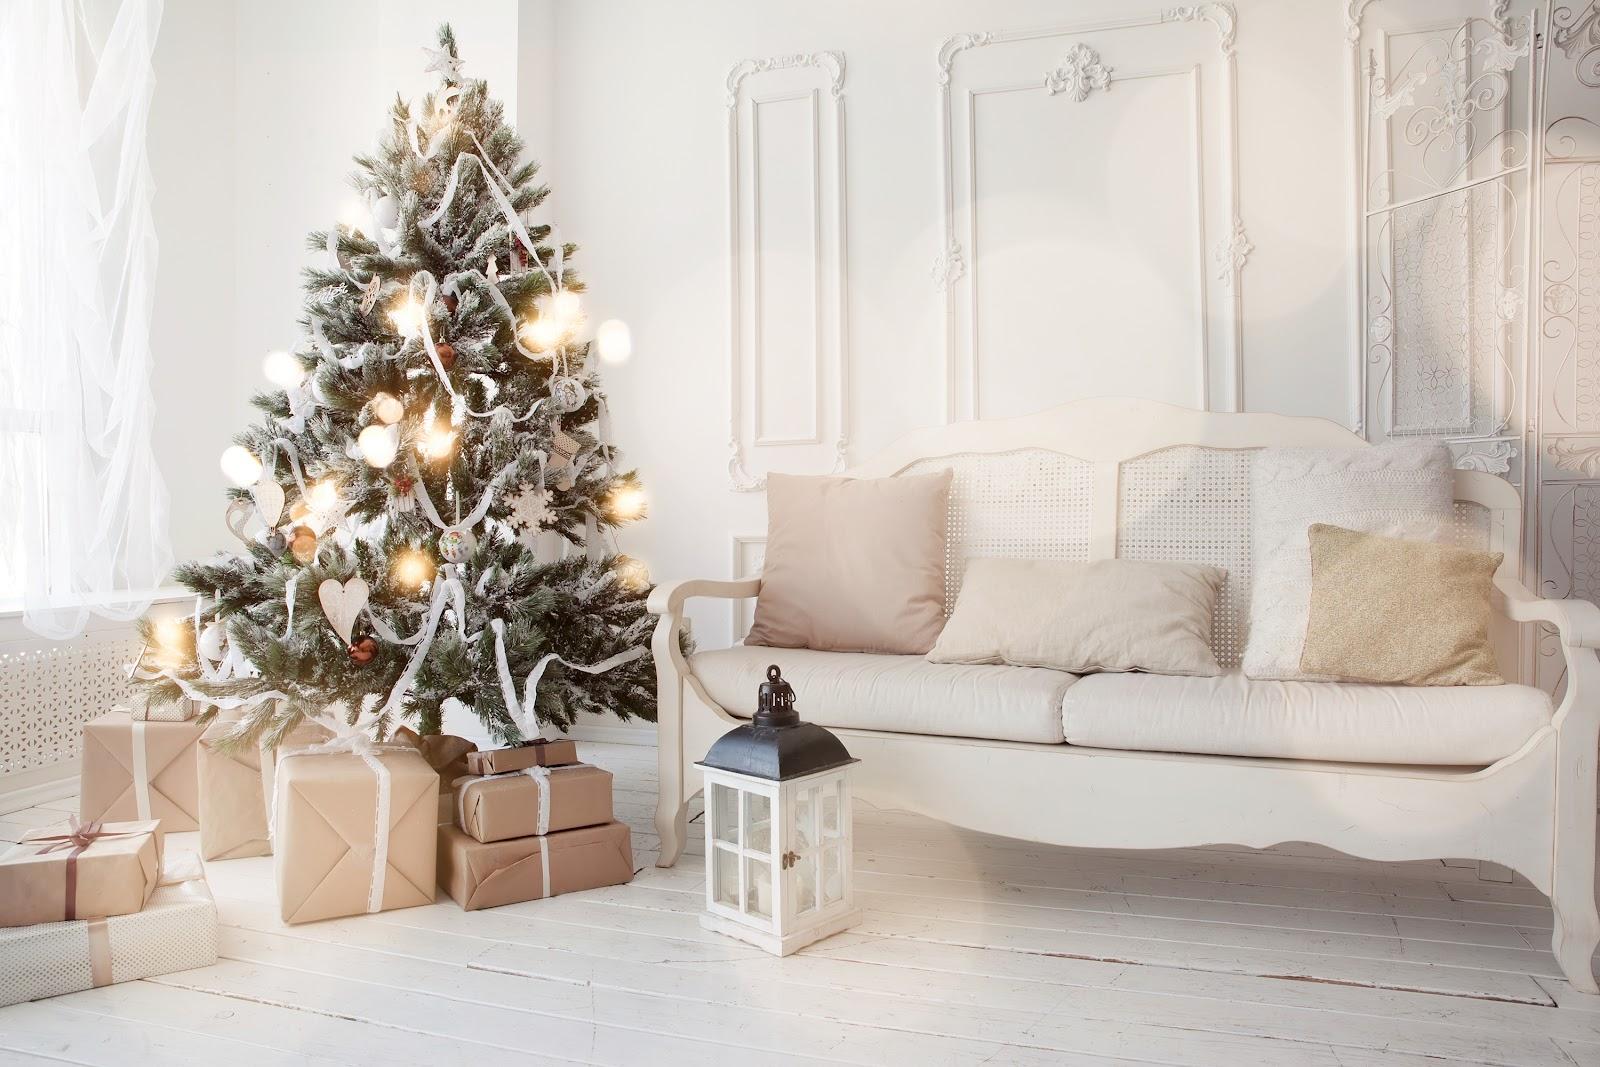 Uma árvore de natal decorada em uma sala.